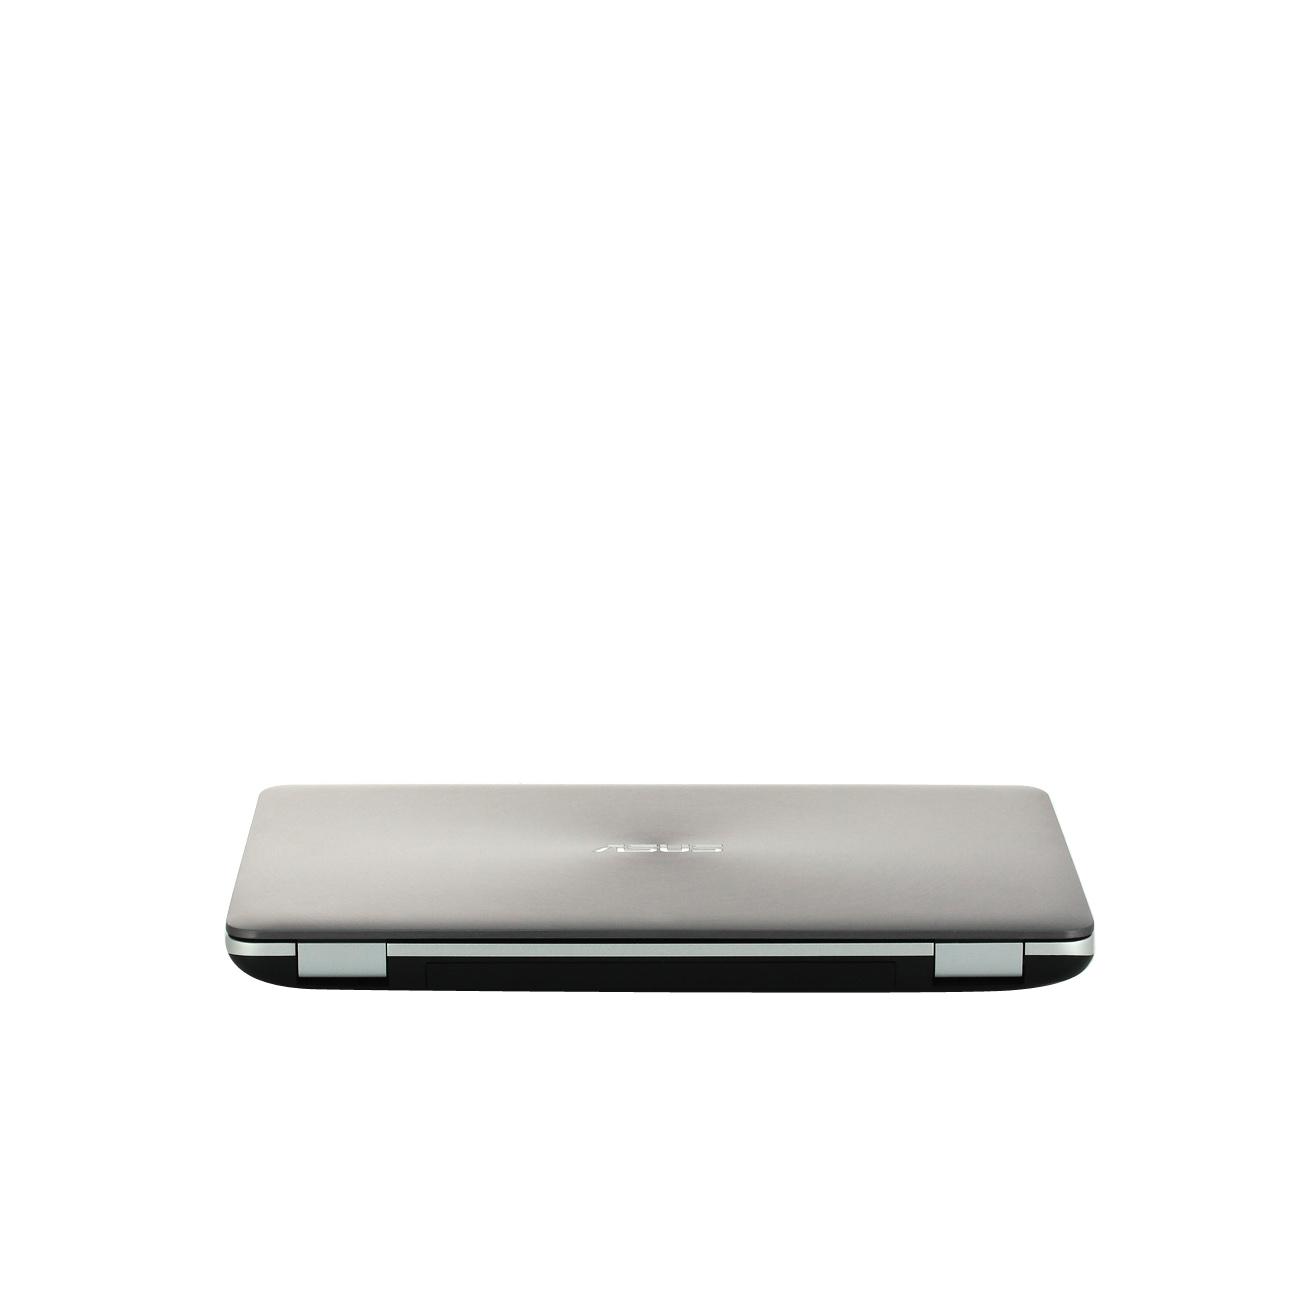 Купить Ноутбук ASUS N551JB-CN043H недорого  Москва, Екатеринбург, Уфа, Новосибирск